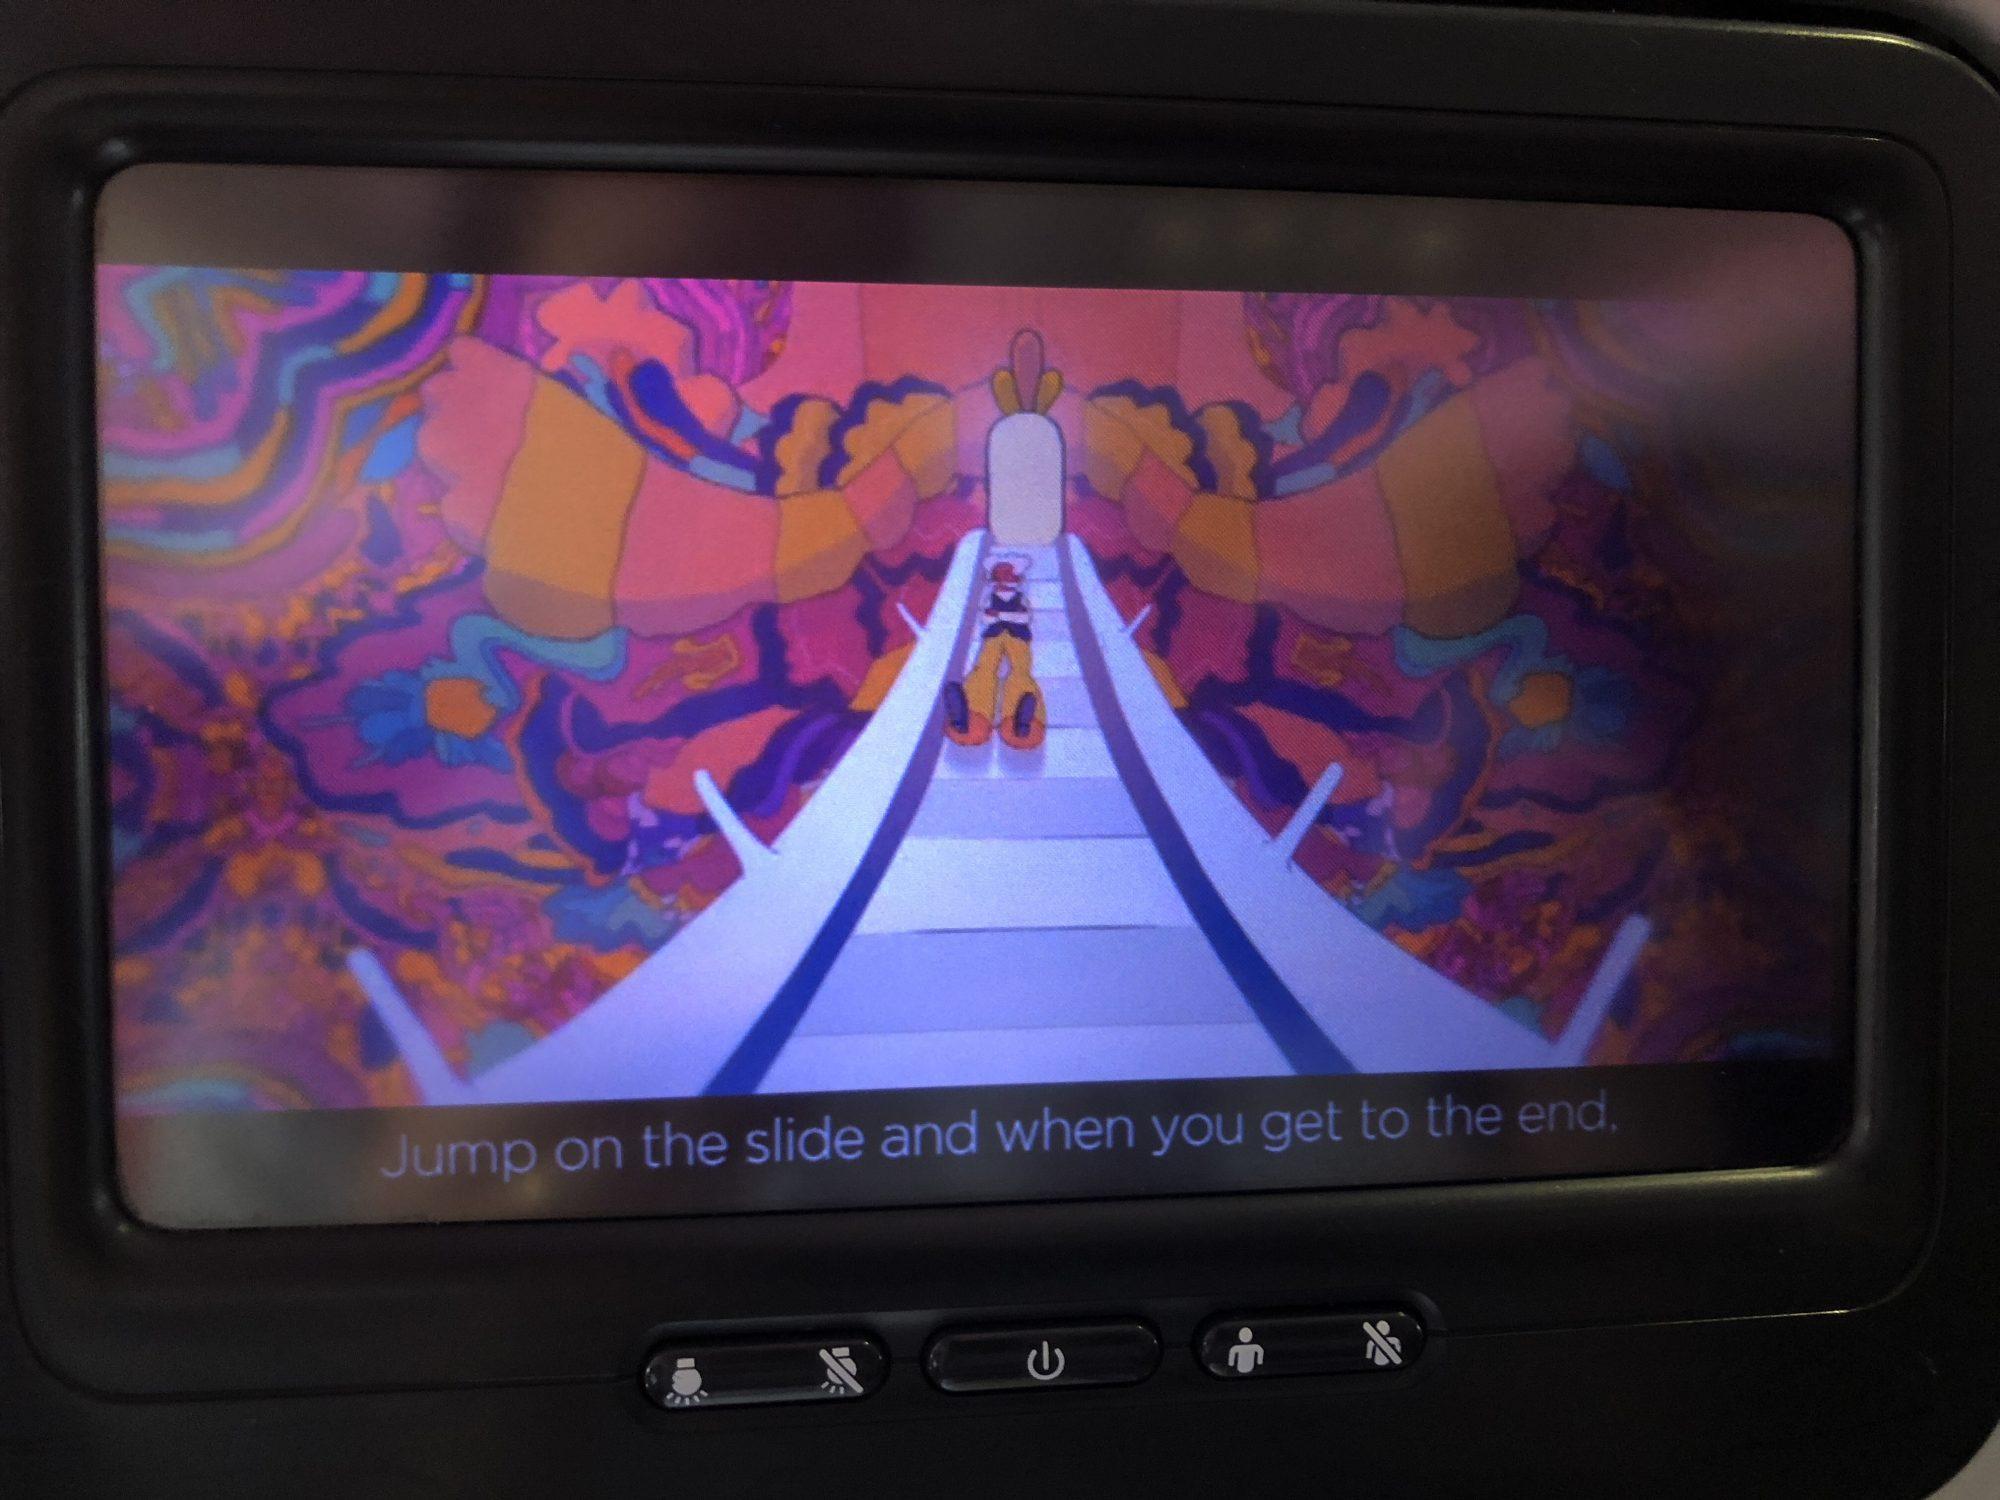 Flyg till Miami med Virgin Atlantic